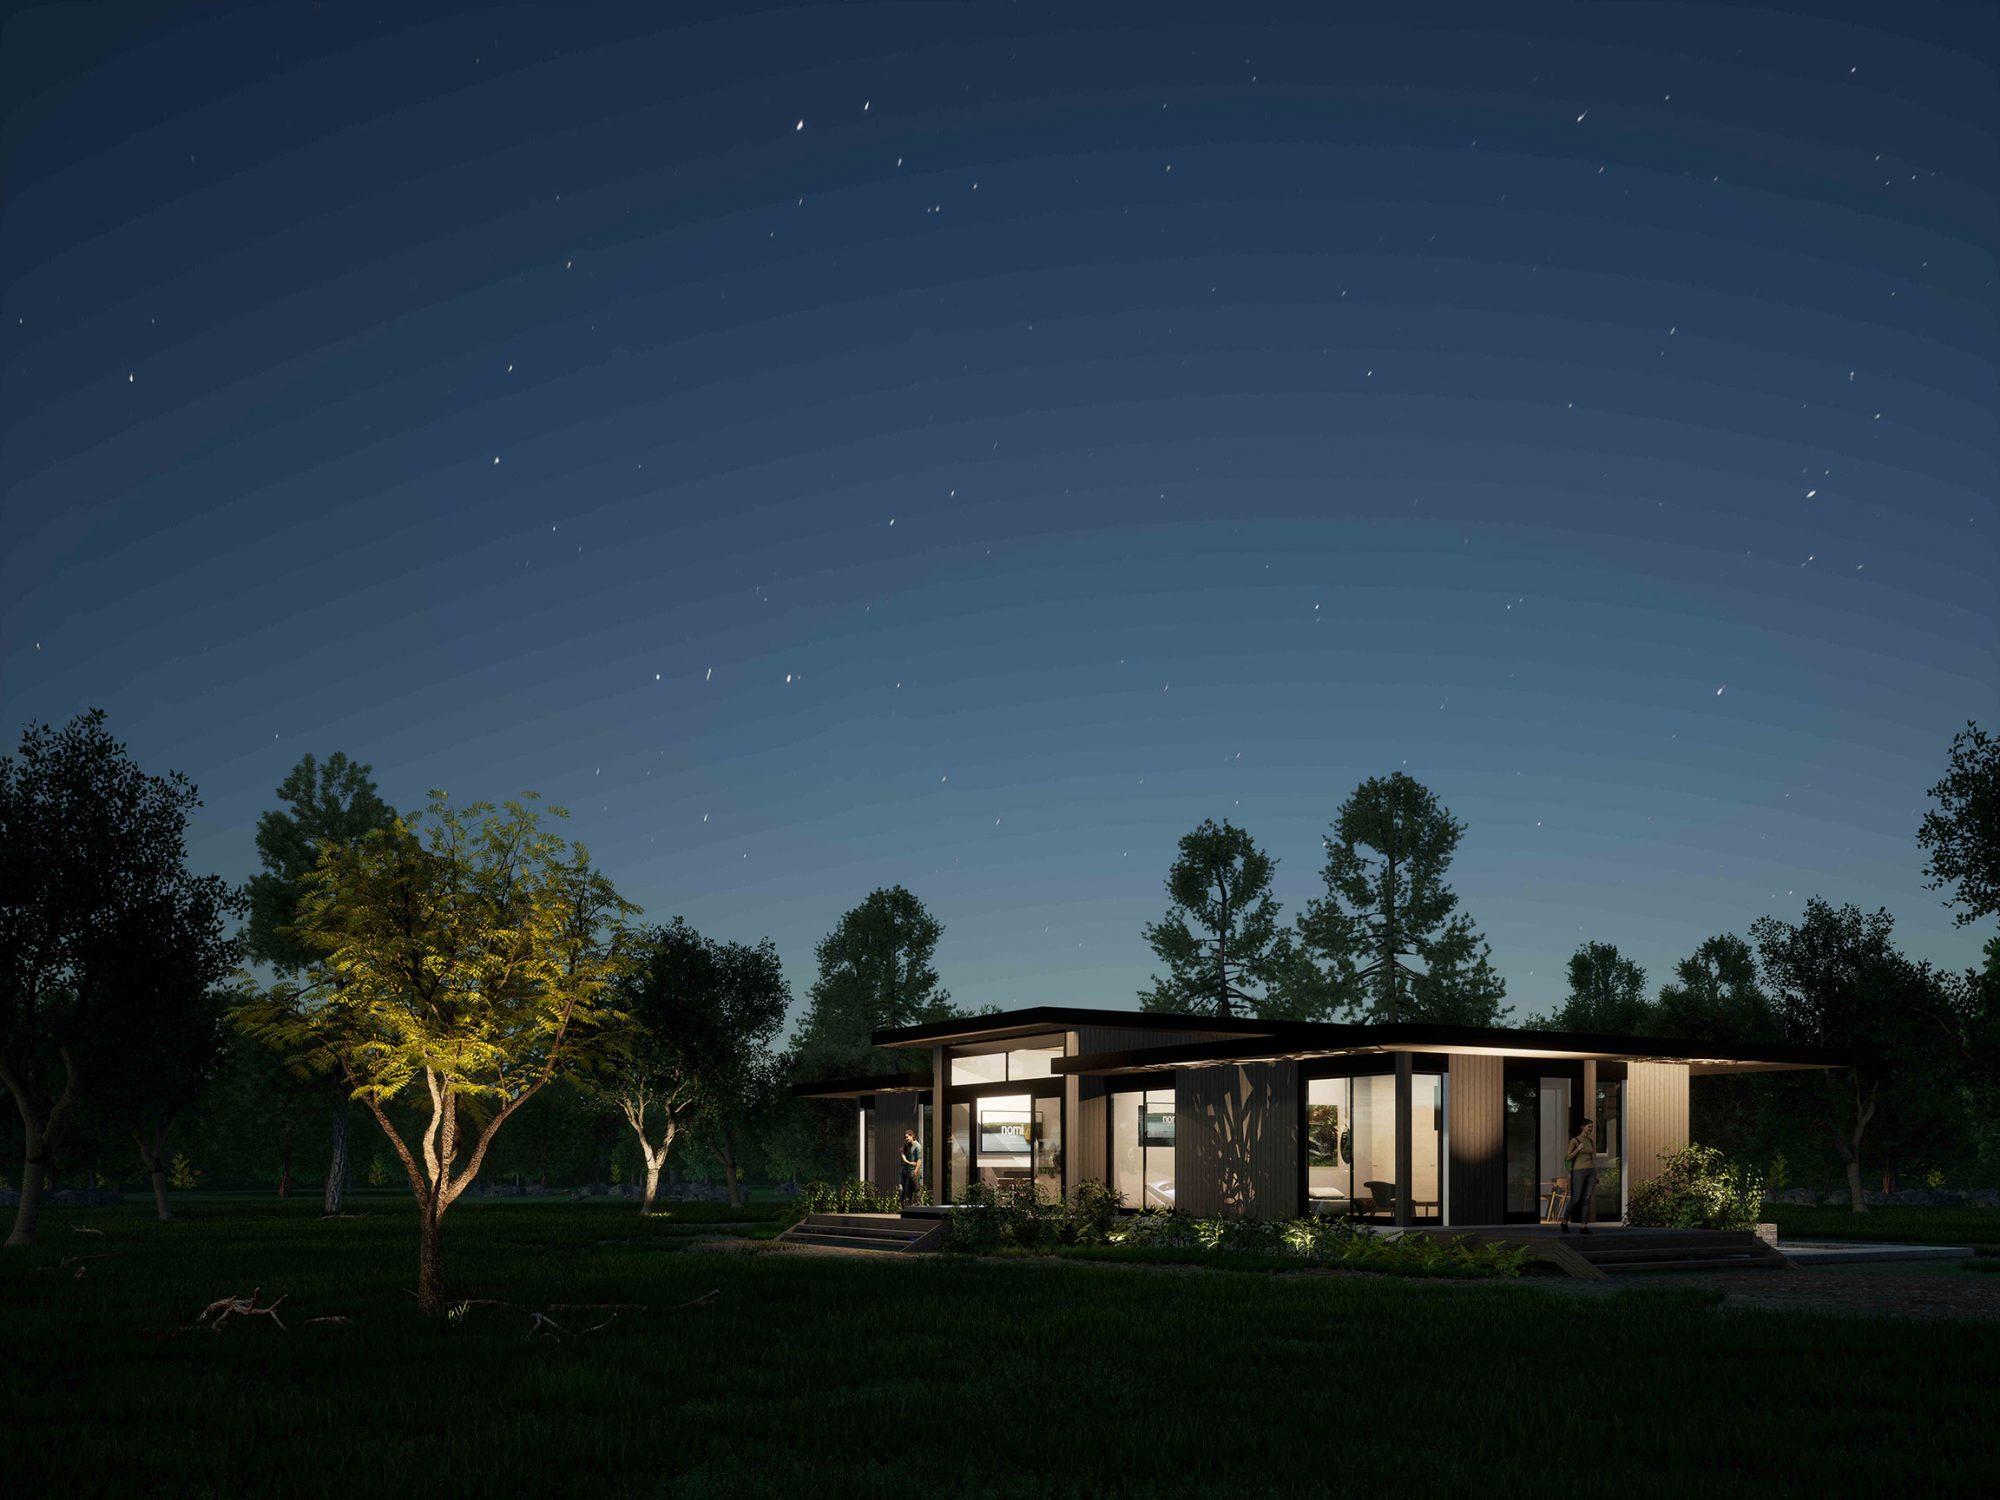 Roof-2---Night-(Extra)